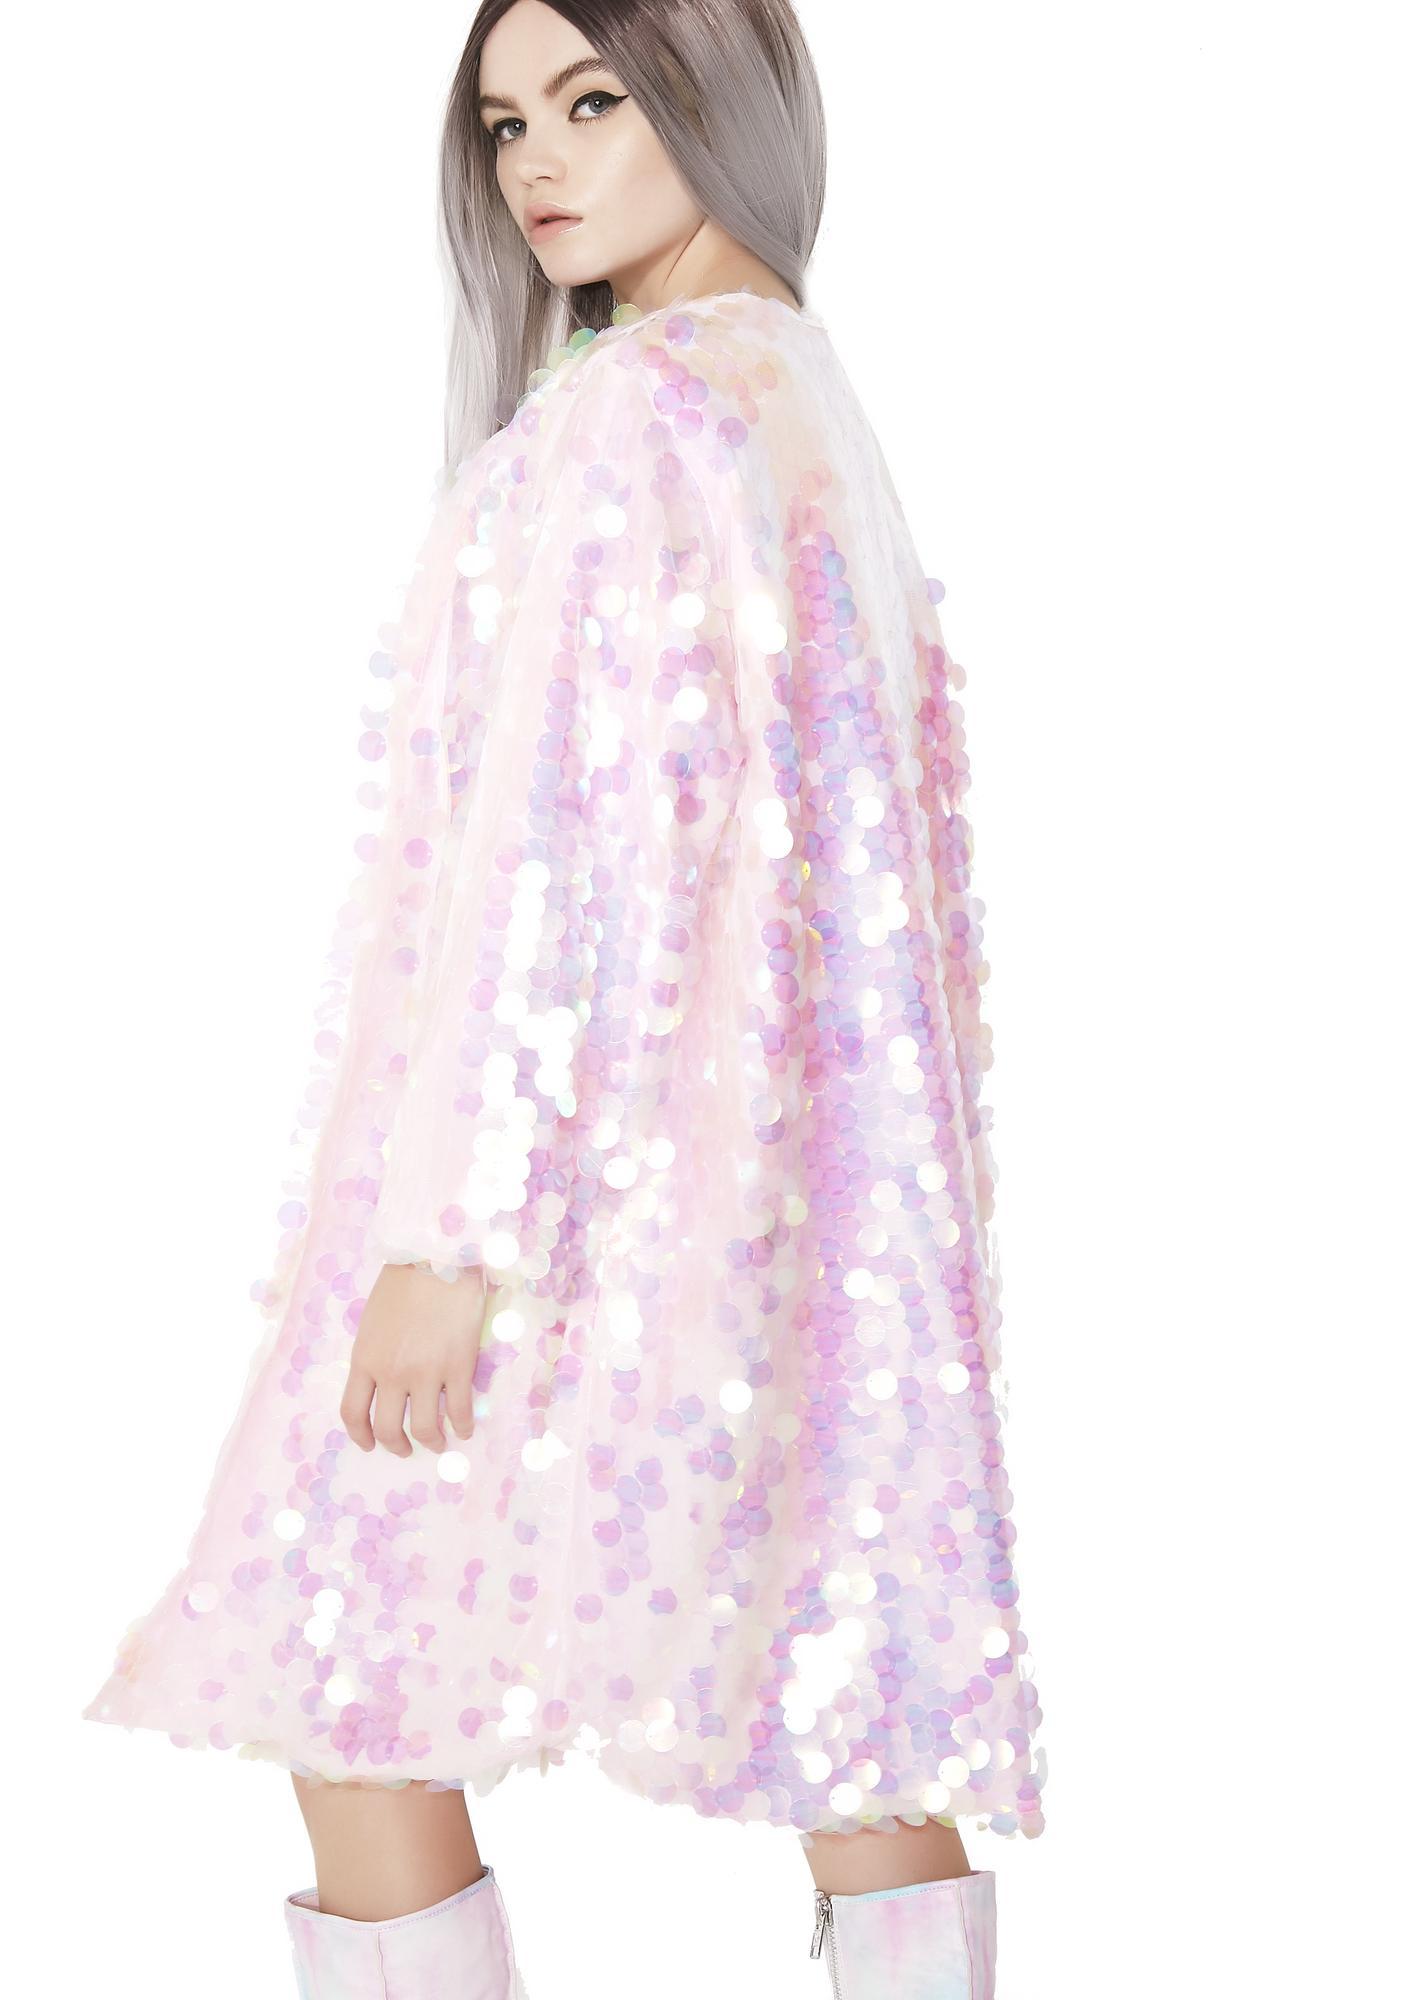 B Glittz Iridescent Sequin Kimono